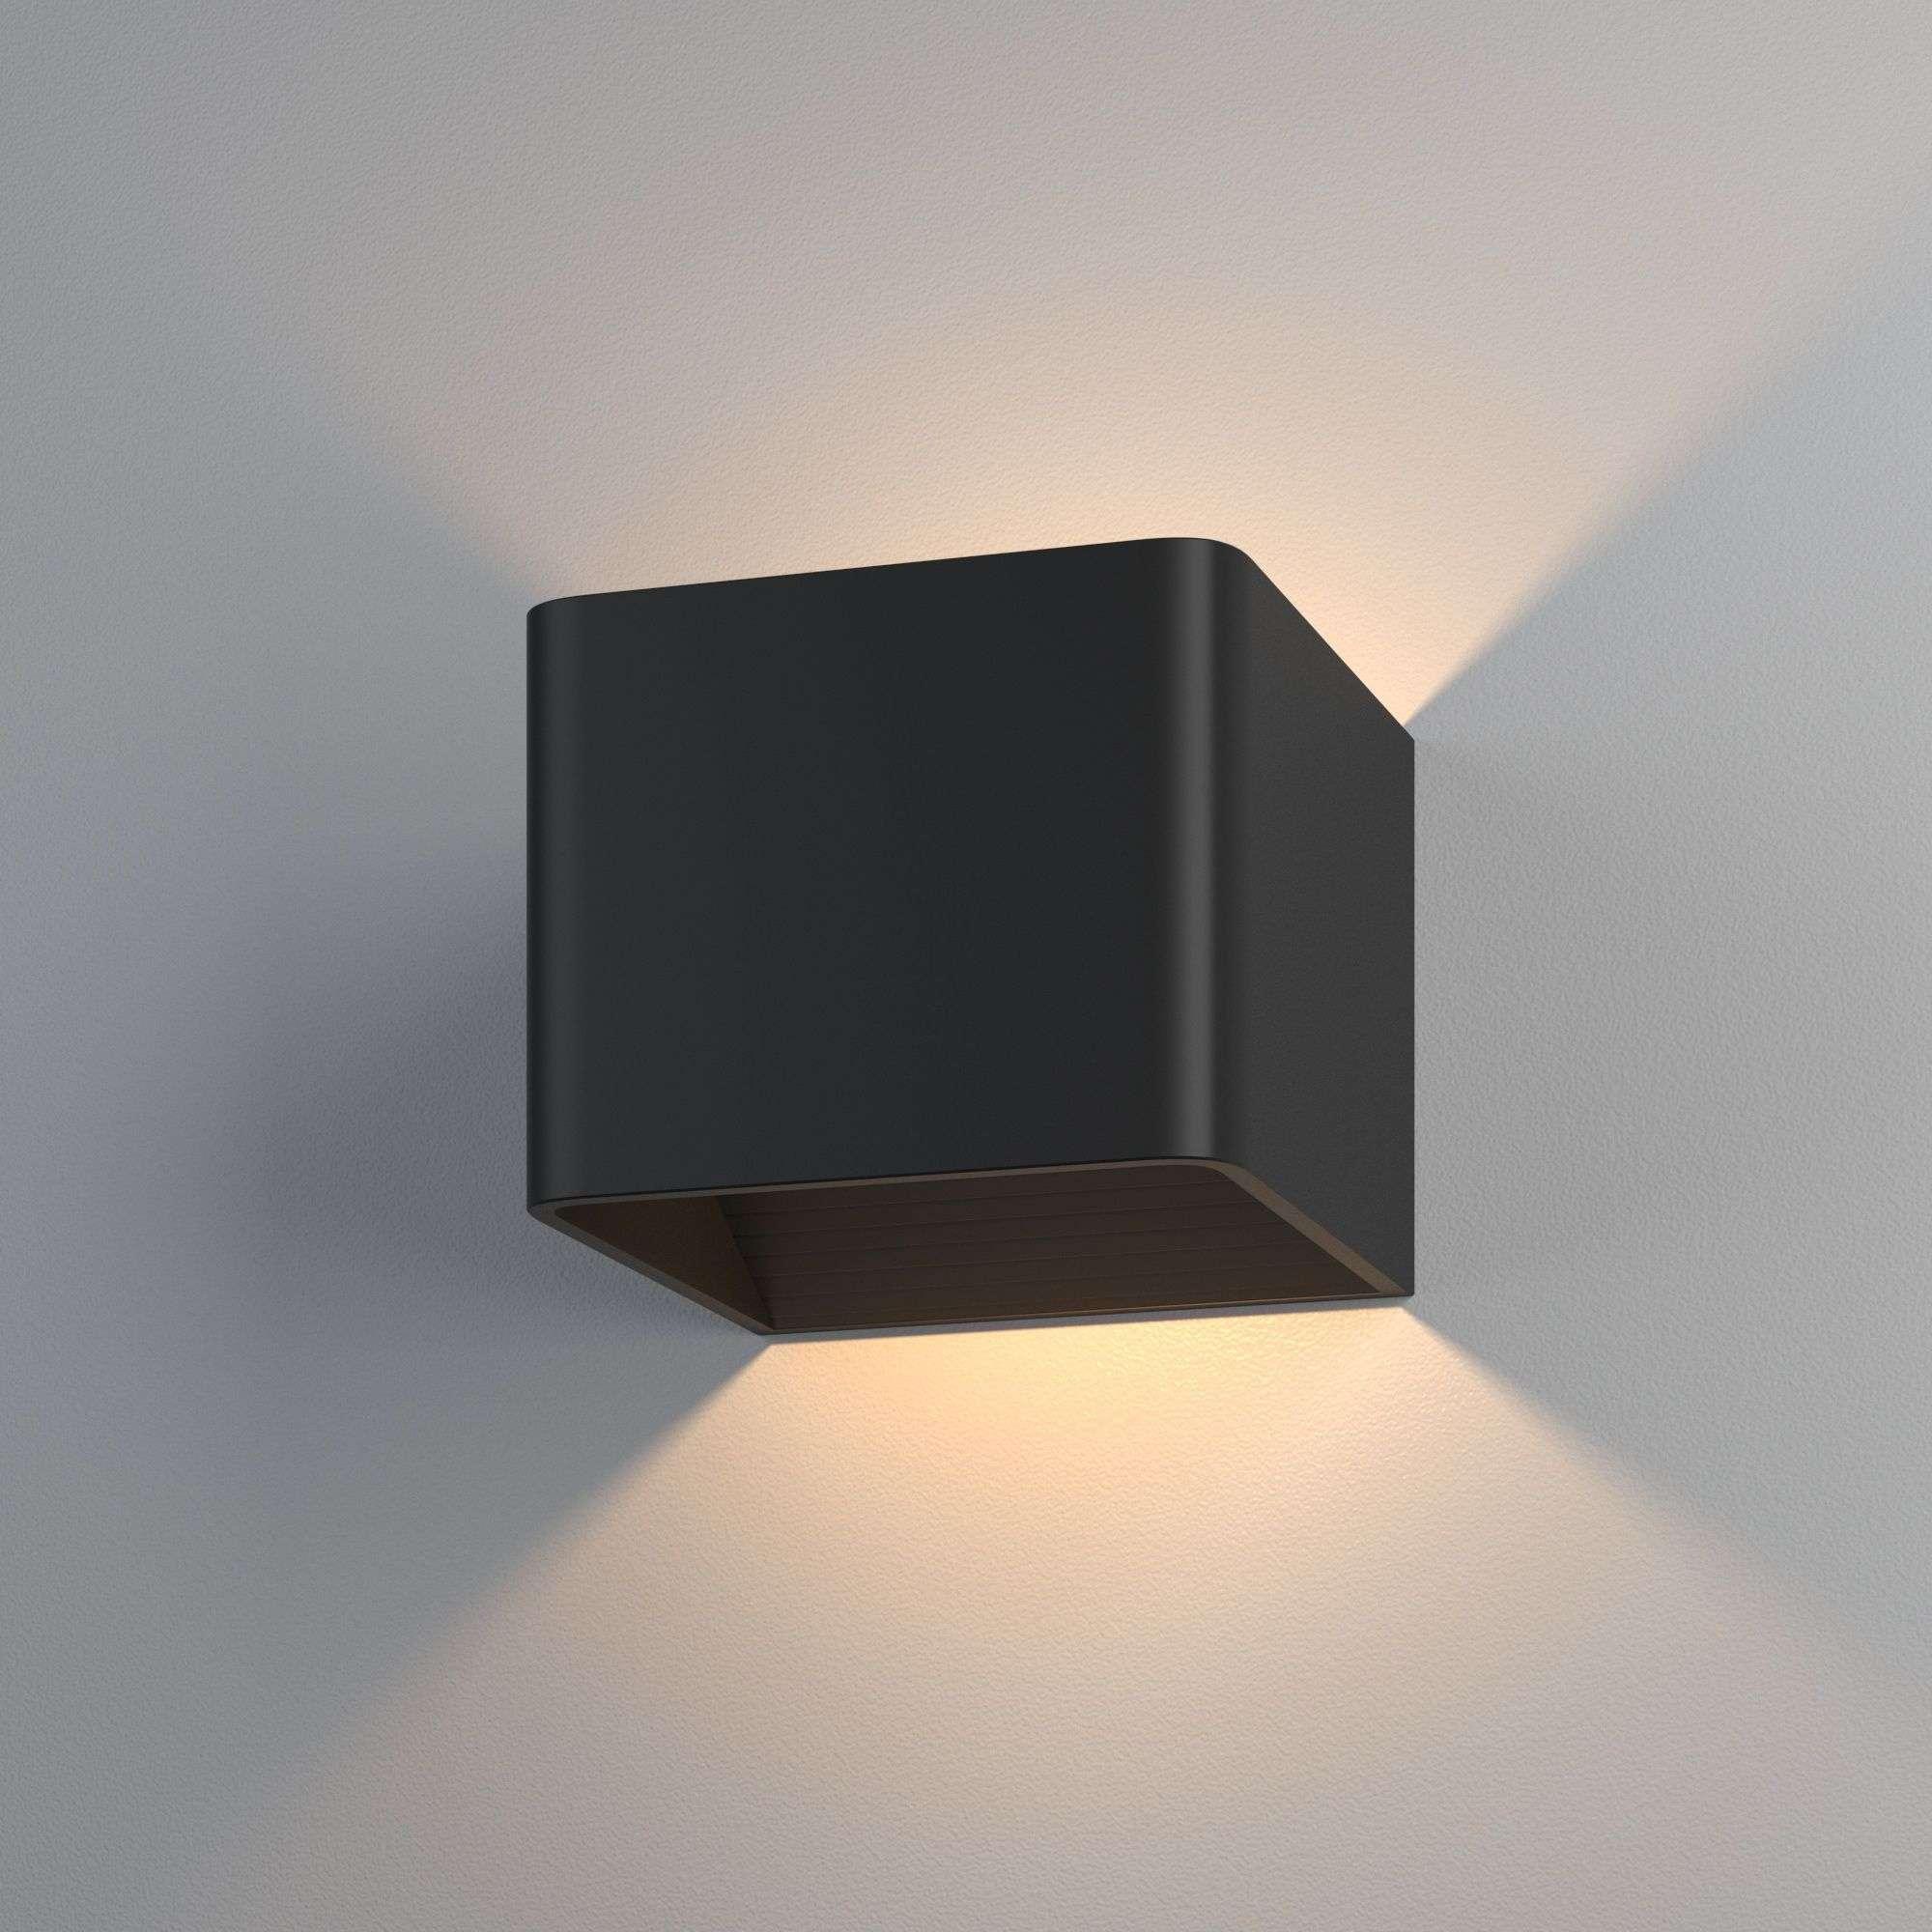 Corudo LED чёрный Настенный светодиодный светильник MRL LED 1060 чёрный